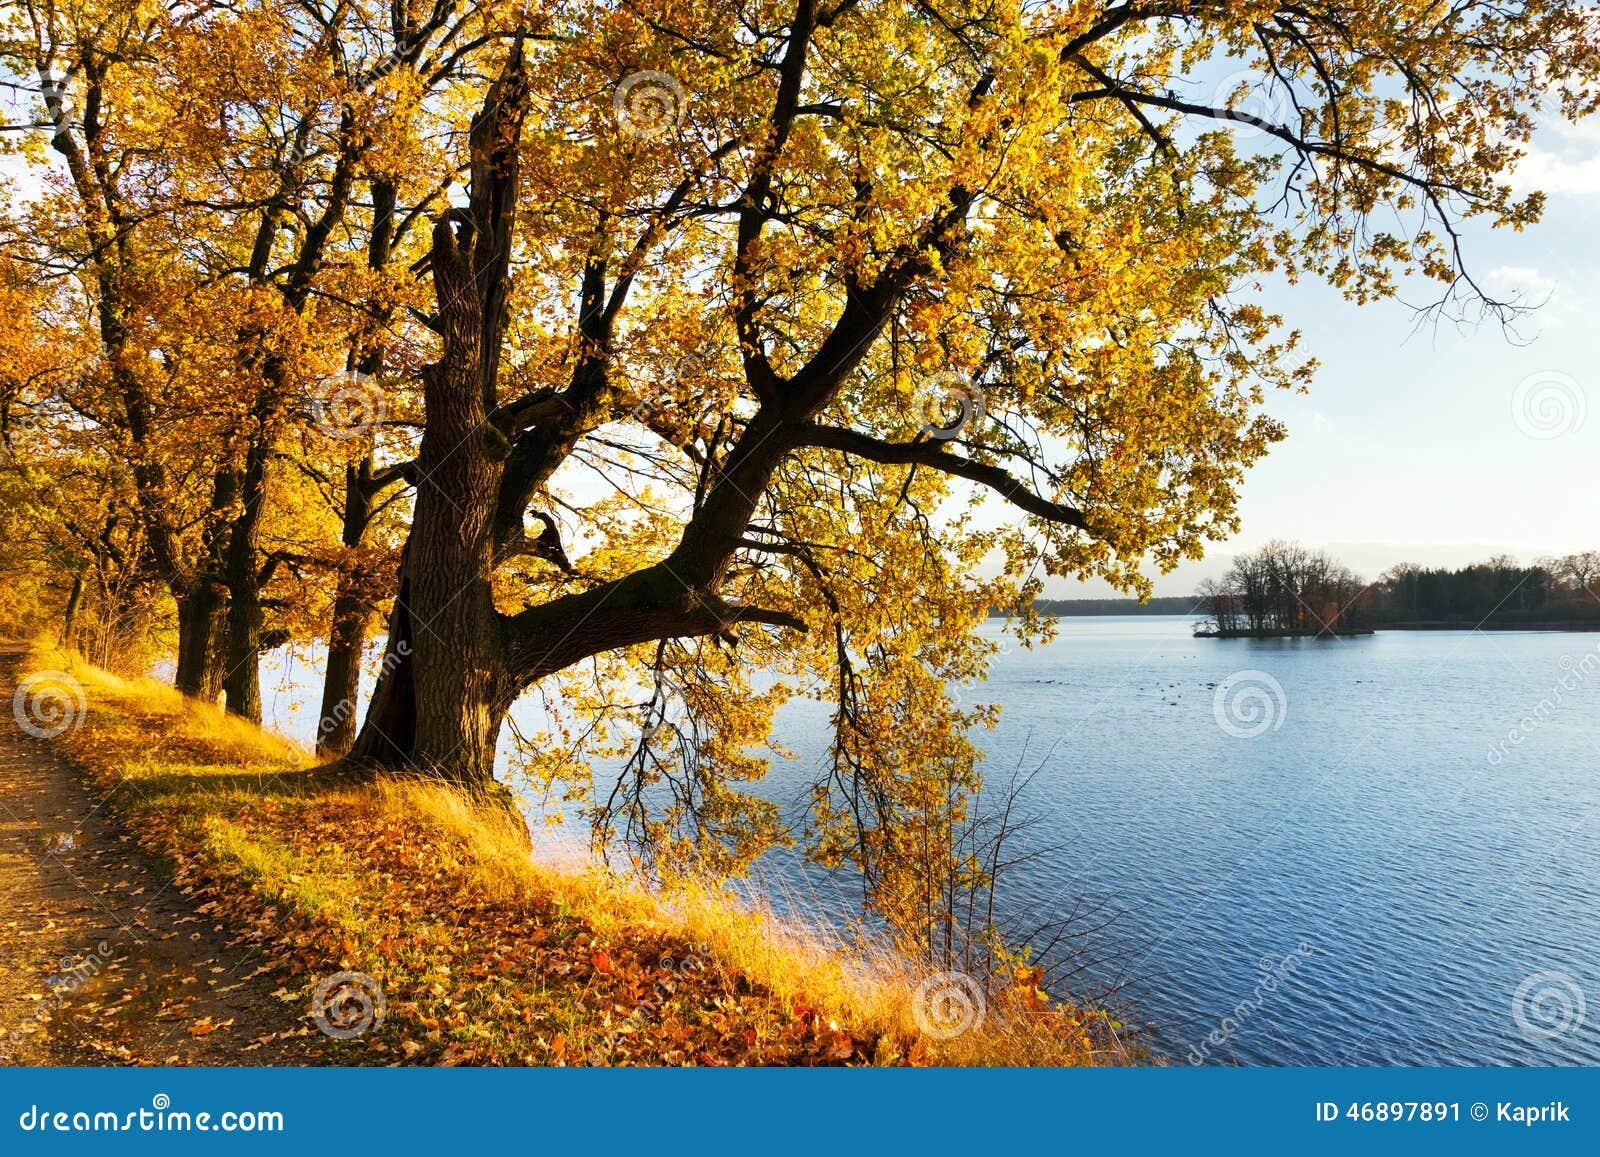 Yellow oak trees on svet pond embankment in trebon stock for Design of pond embankment